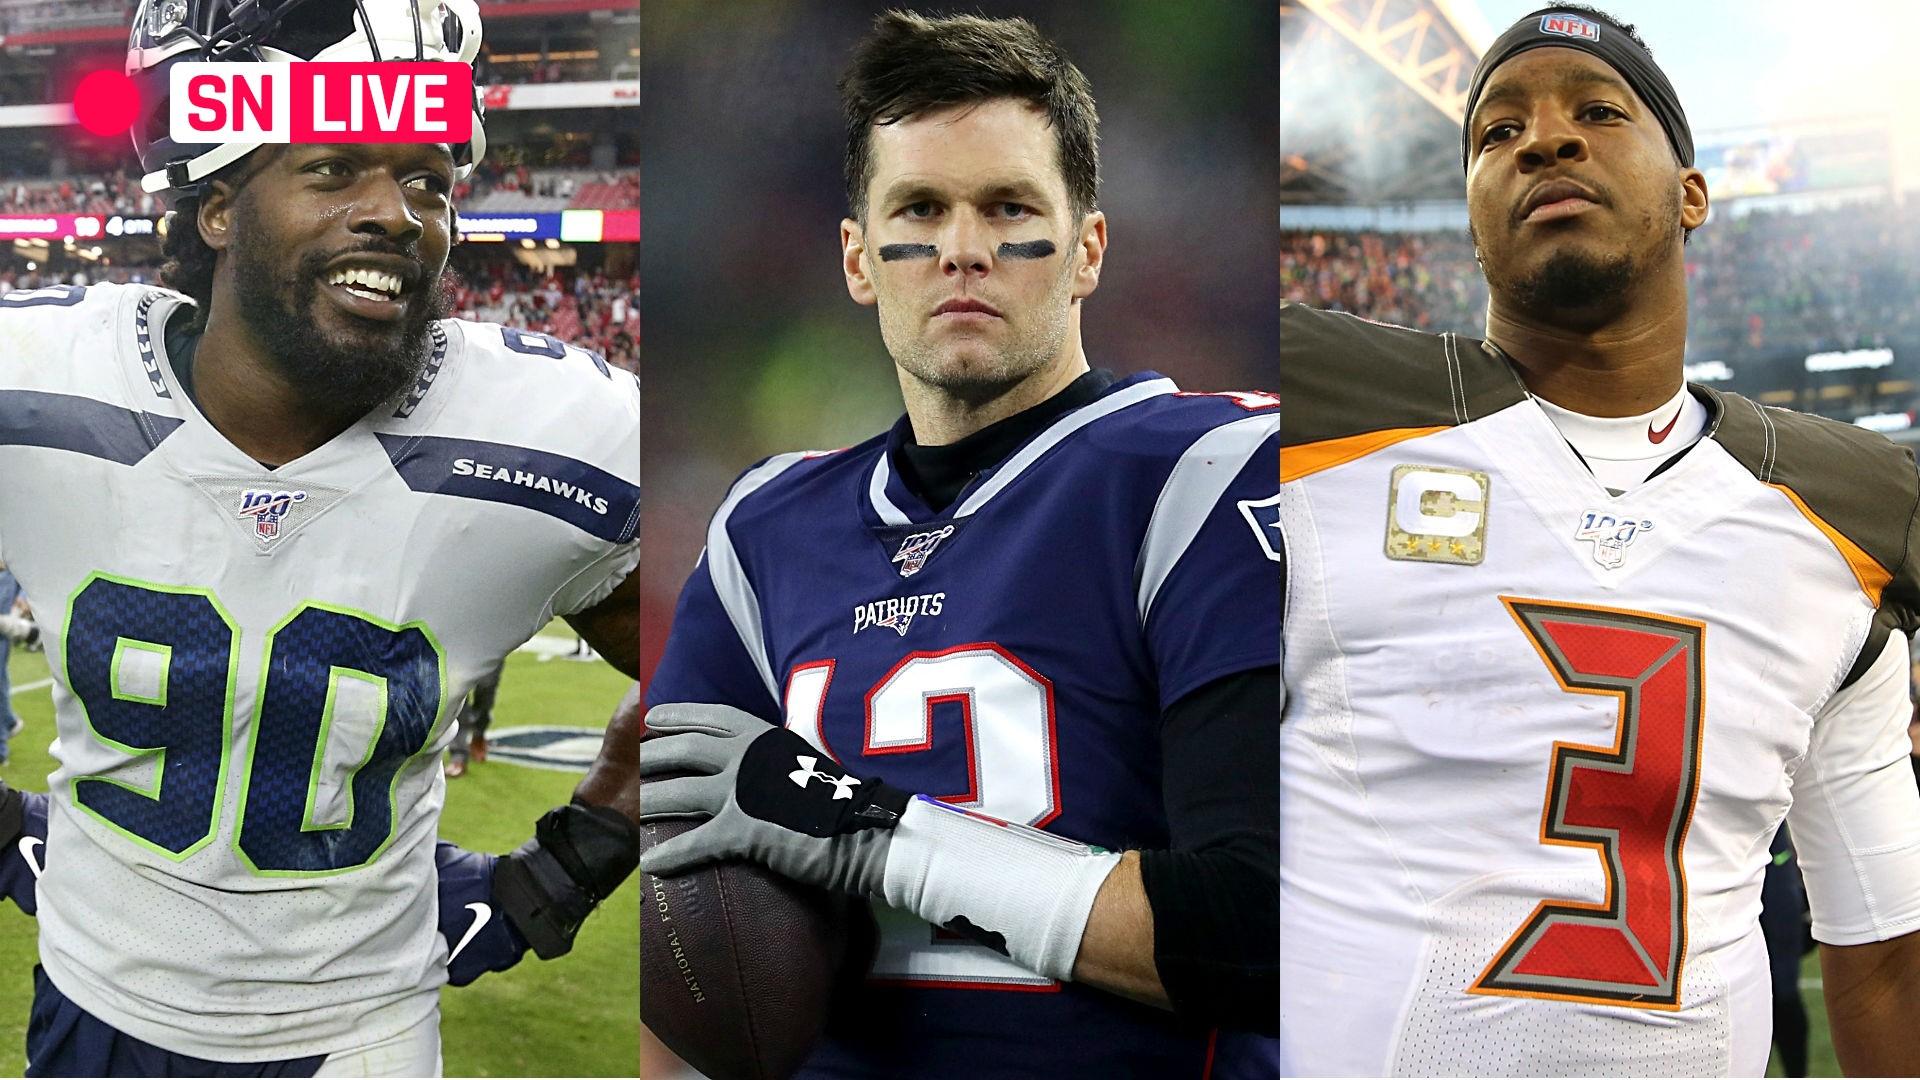 Rastreador de agencias libres de la NFL 2020: actualizaciones en vivo de noticias, rumores, fichajes y operaciones 5